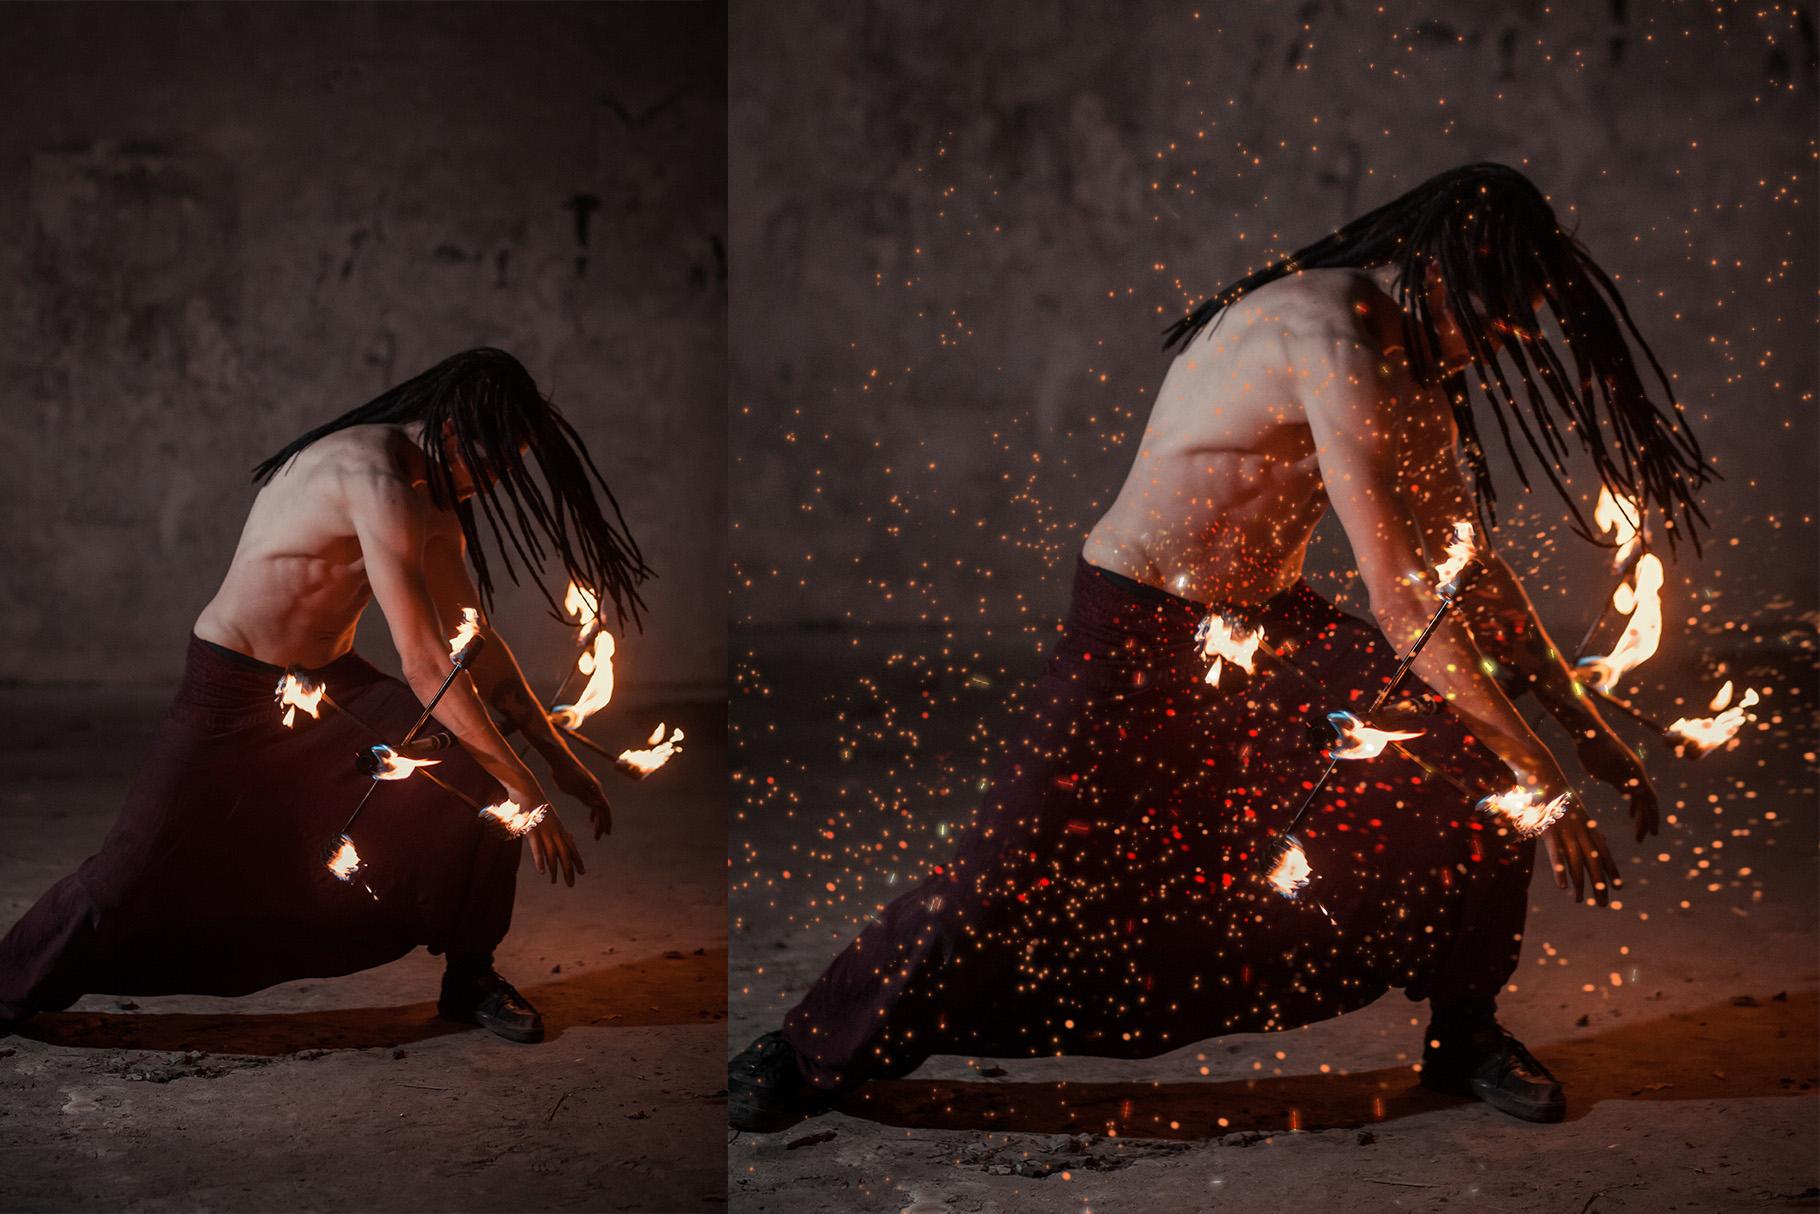 Sparks Photoshop Brushes example image 4